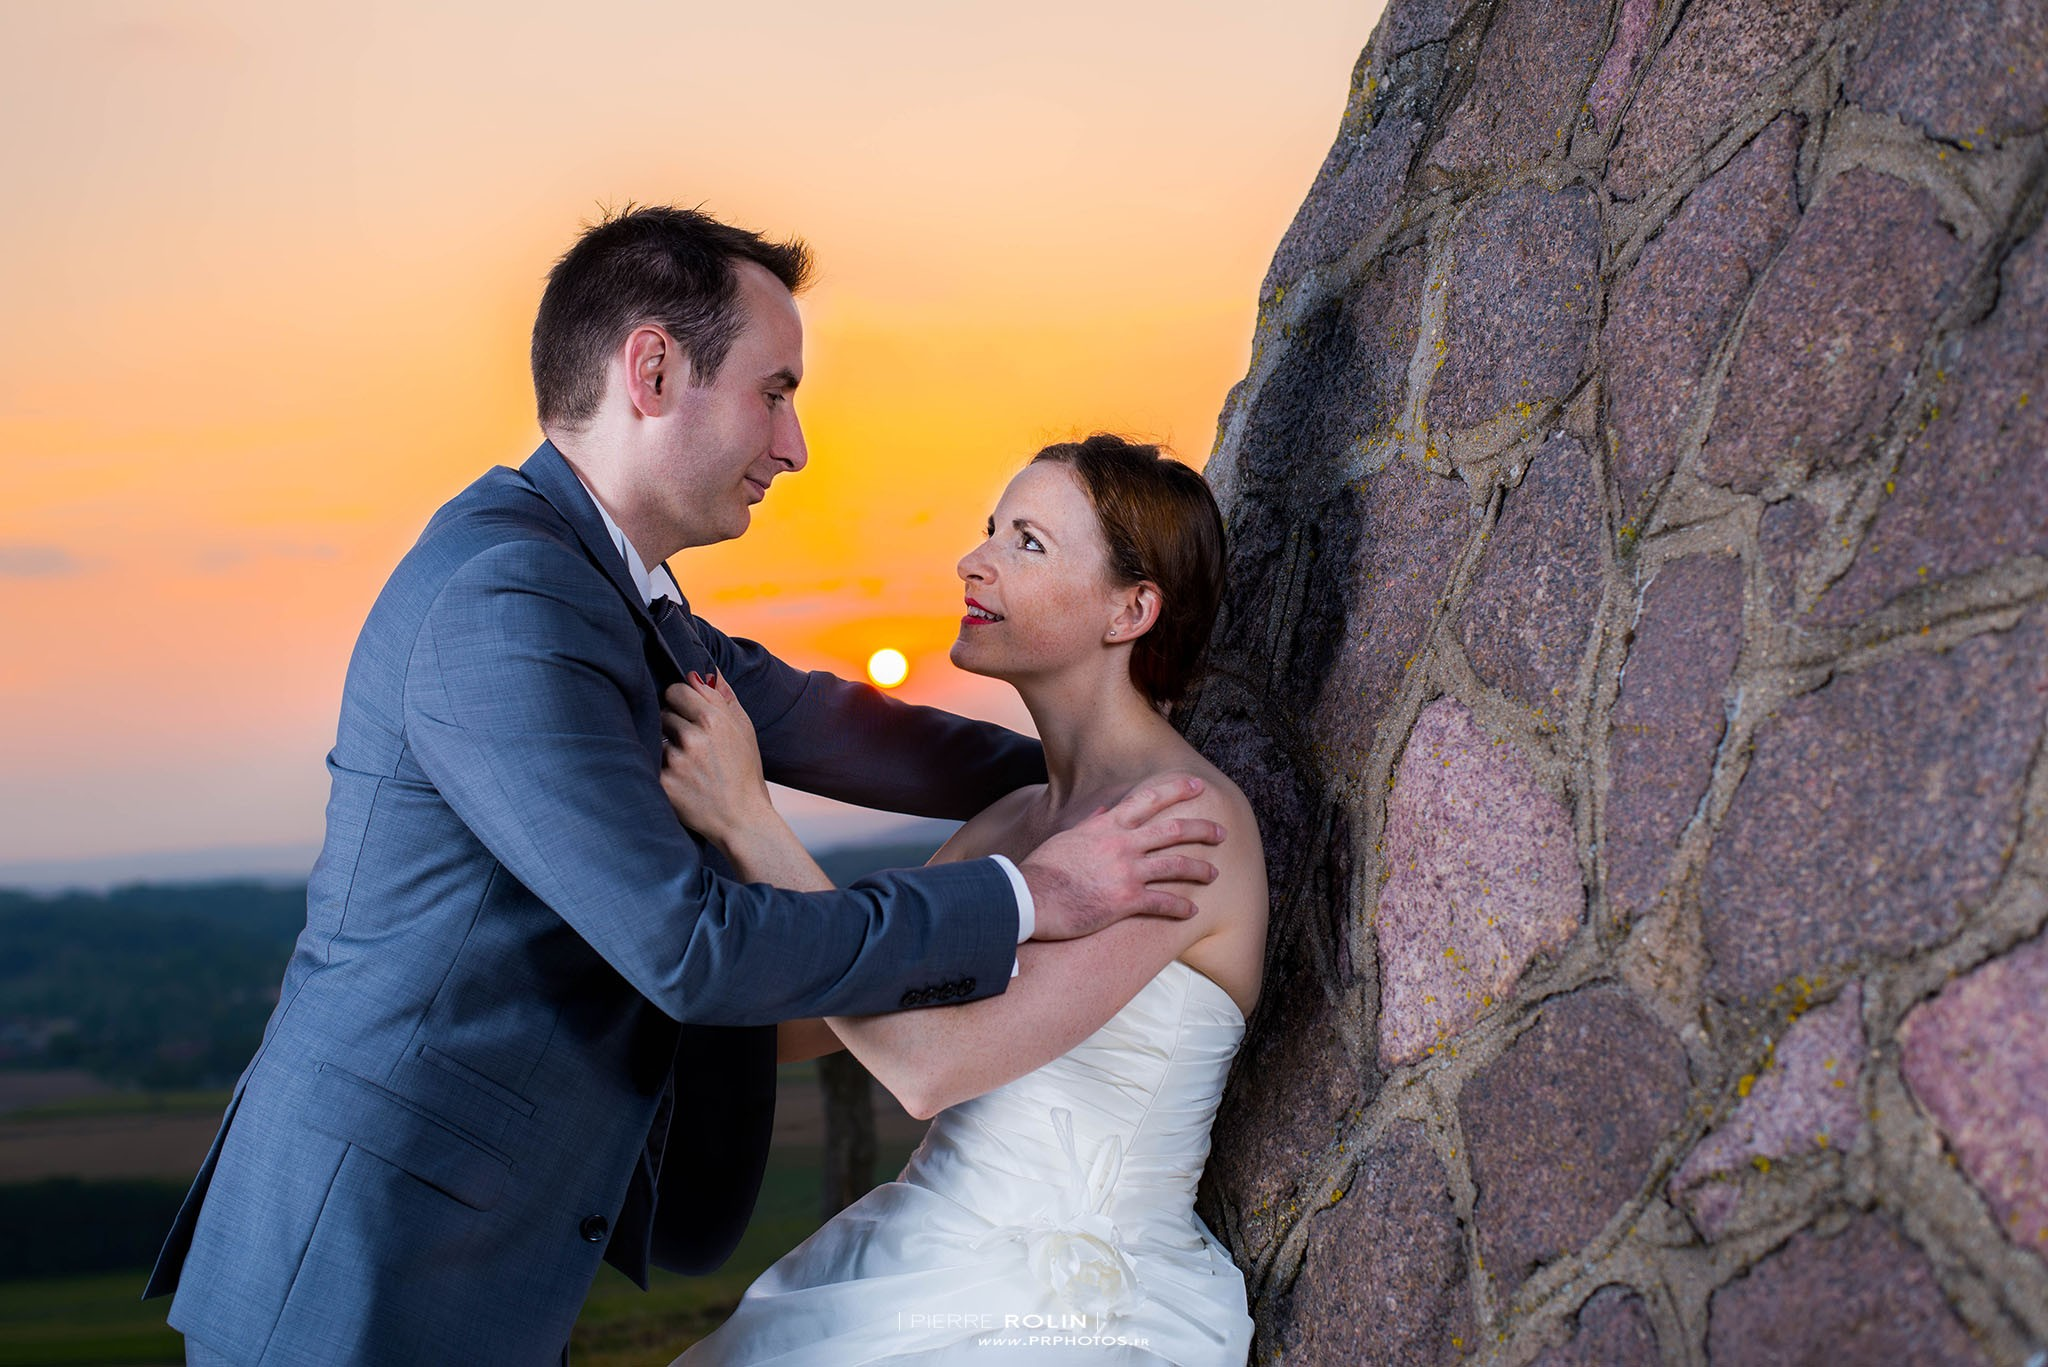 Mariage – Photos de couple au coucher de soleil